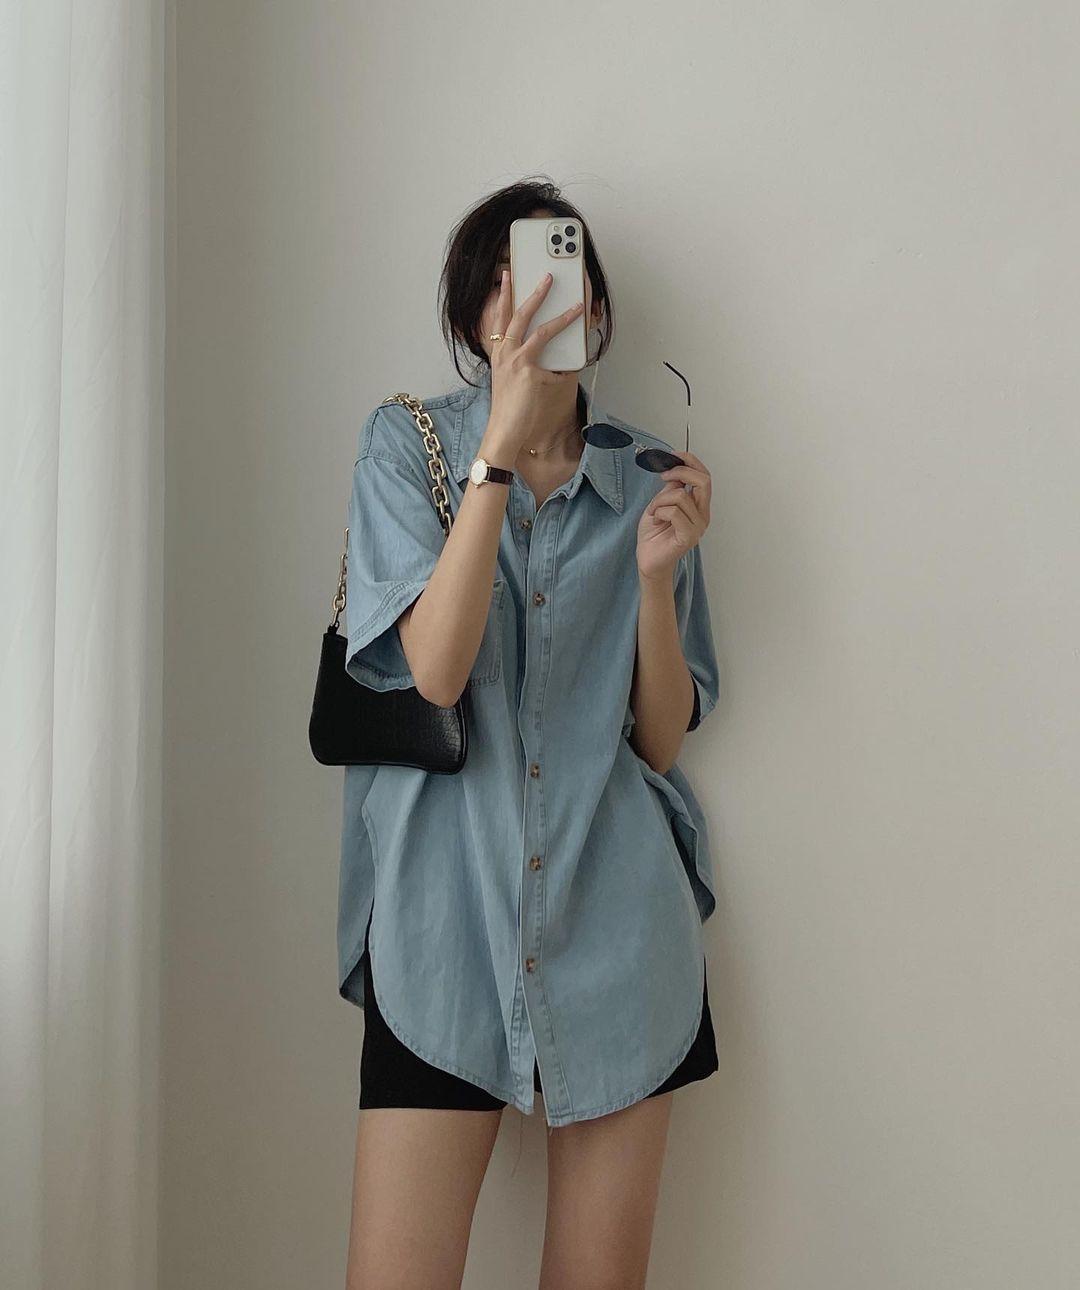 Tổng hợp áo sơ mi oversize đỉnh nhất các shop: Ai muốn style xịn chuẩn Hàn tậu ngay - Ảnh 6.